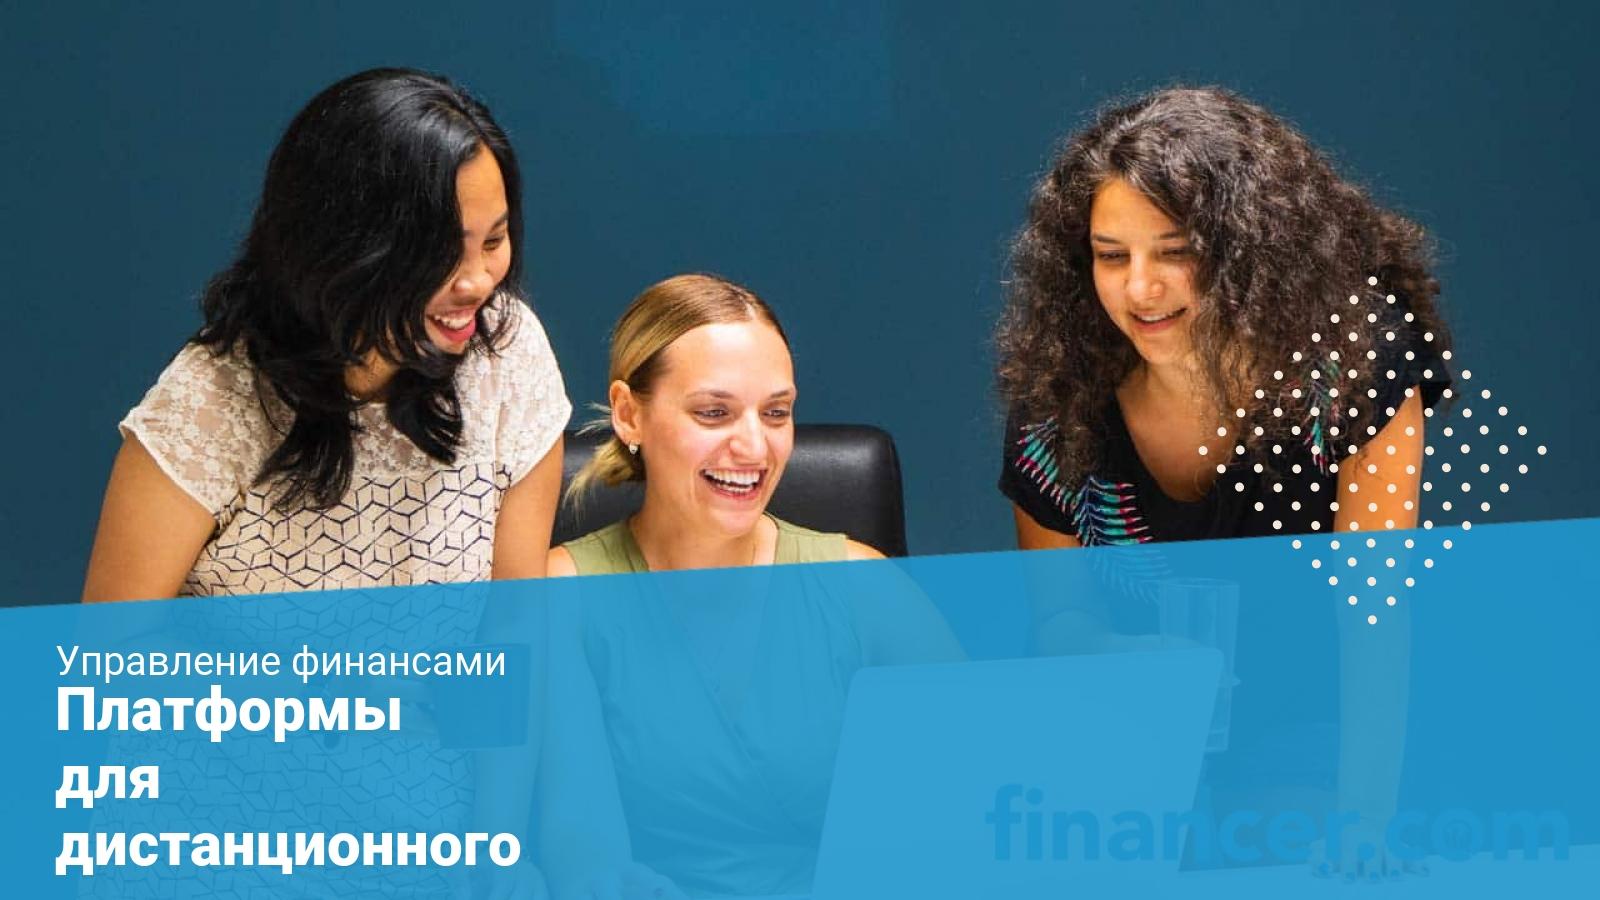 Платформы для дистанционного обучения в Казахстане